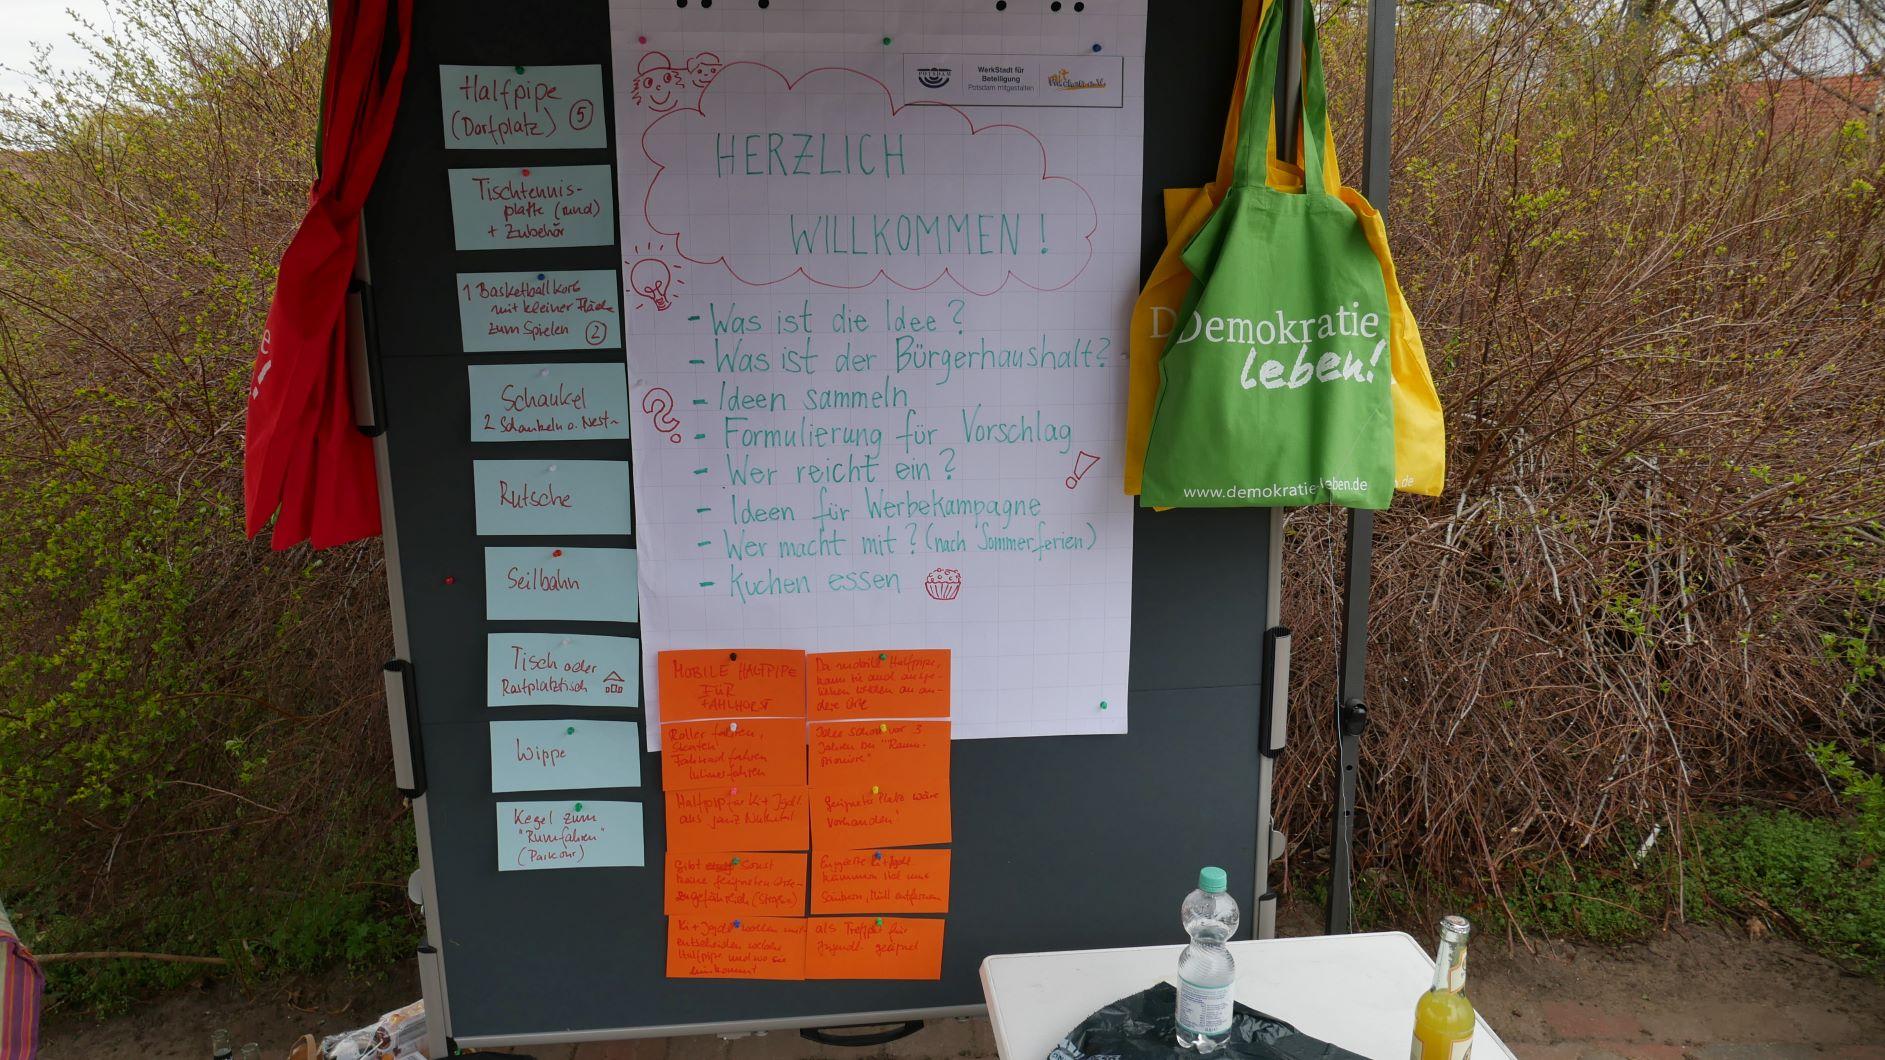 Pinnwand mit der Tagesordnung des Treffens und farbigen Karten, auf denen Ideen gesammelt wurden.